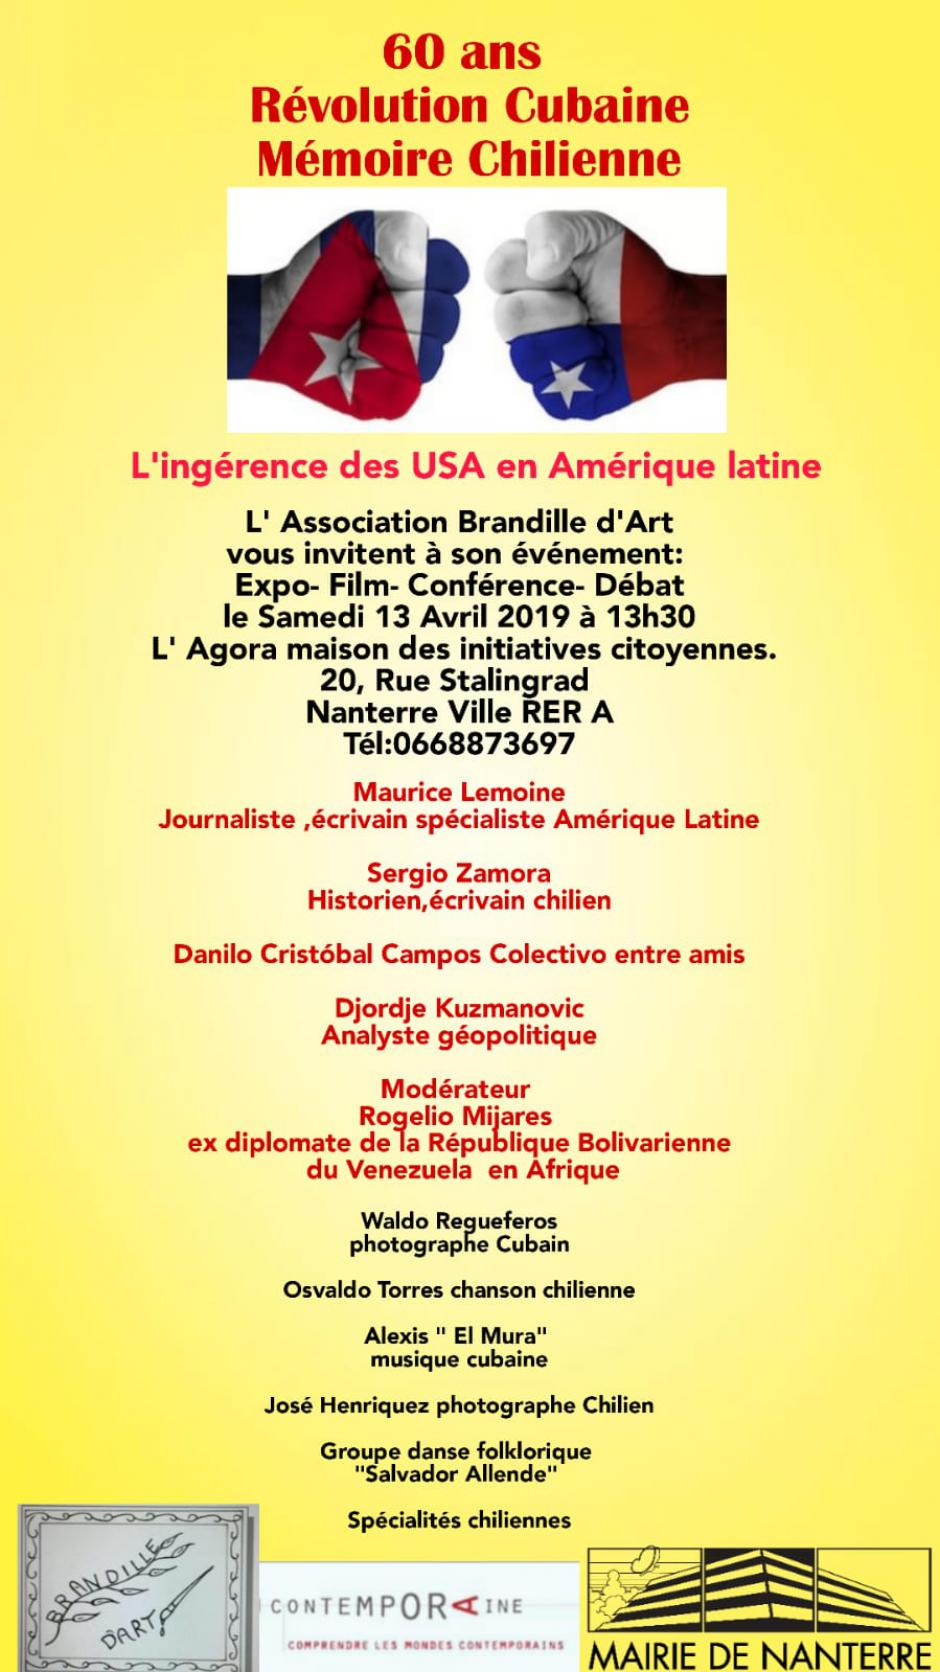 L'ingérence des USA en Amérique latine